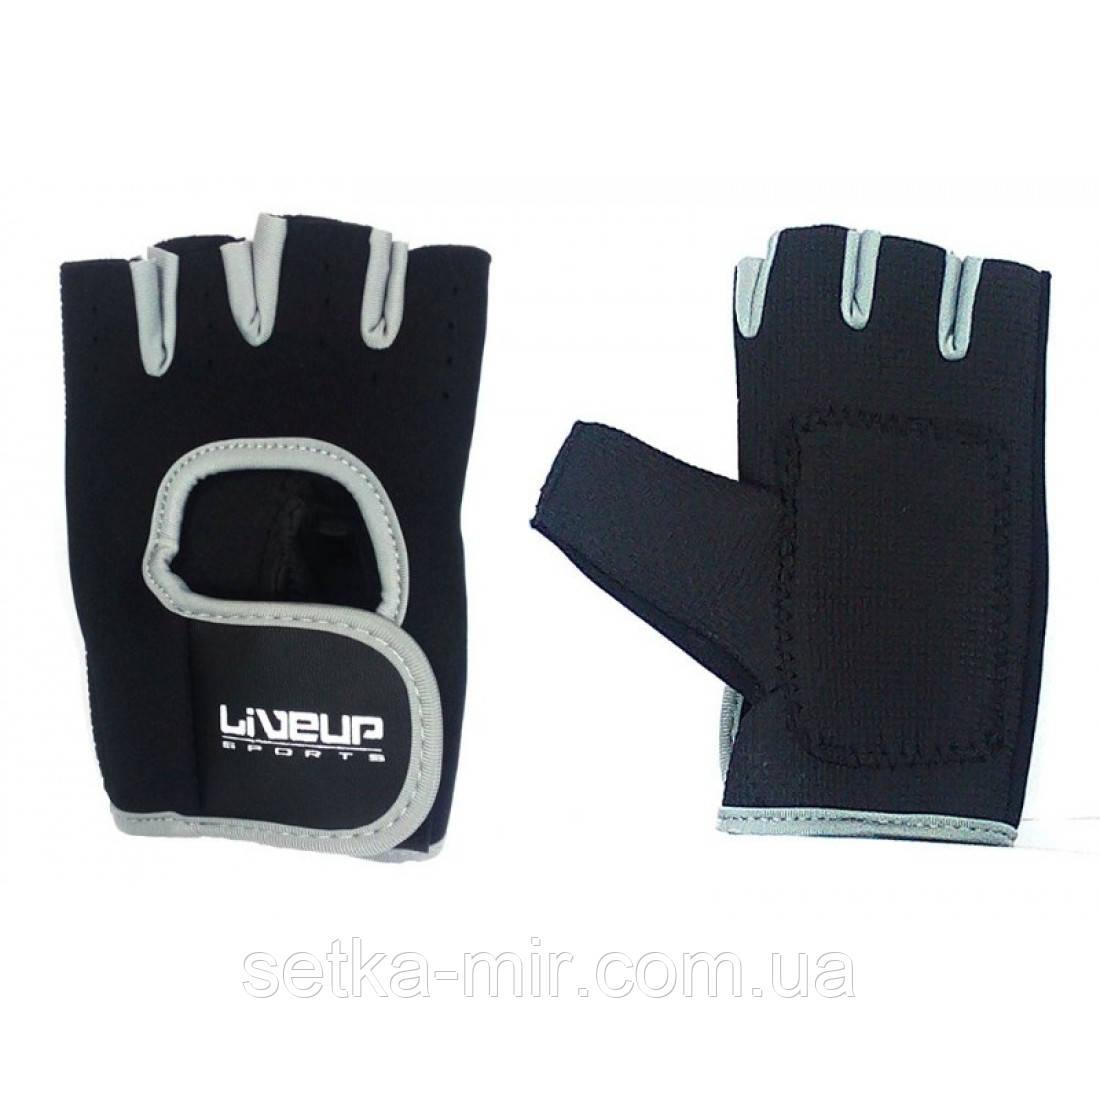 Перчатки для тренировки LiveUp Training Gloves LXL